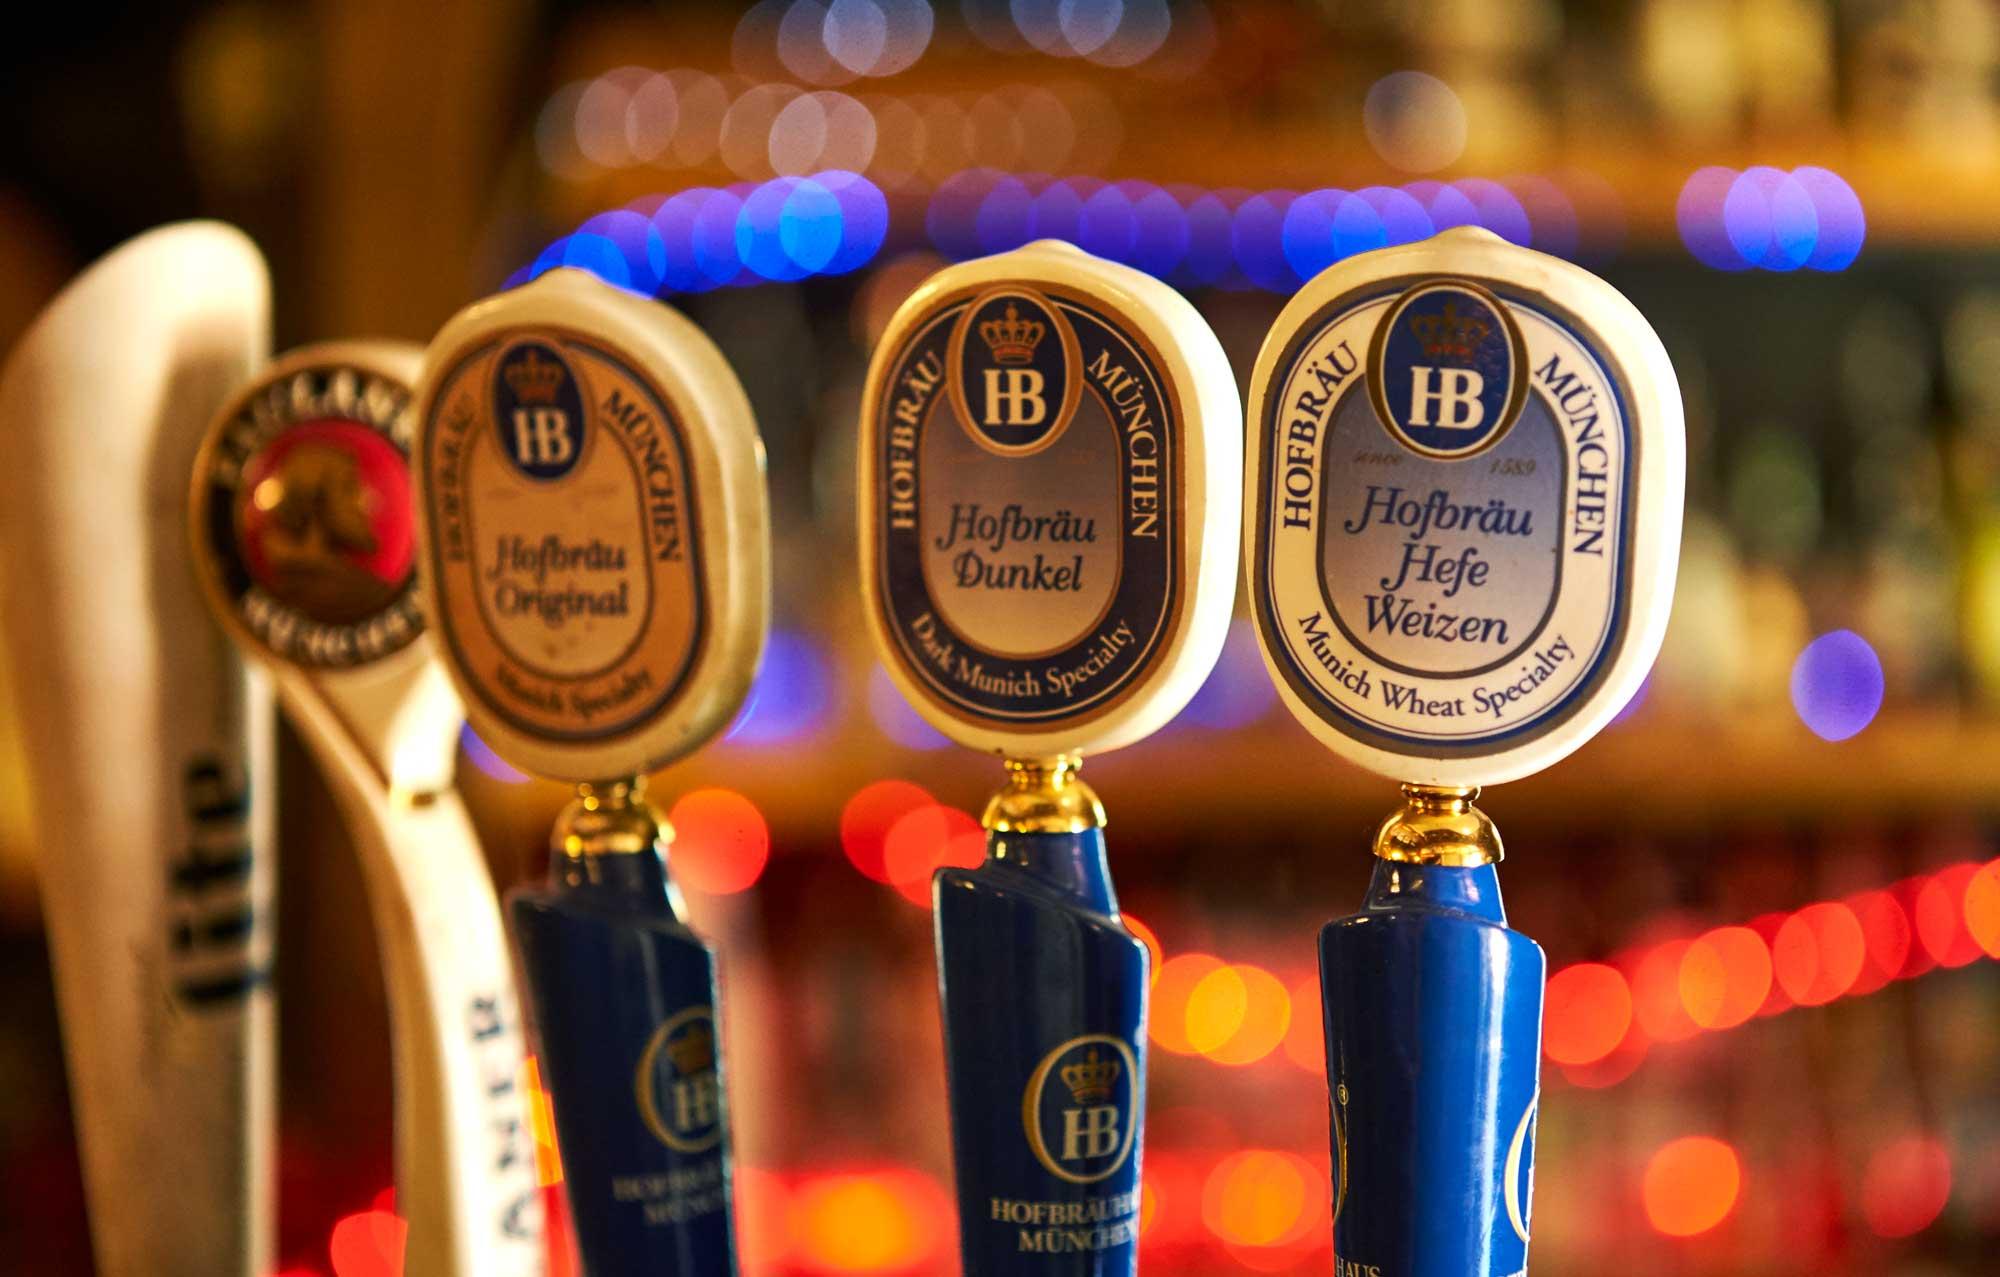 Heidelberg German Restaurant Pub Beer Tap Munich